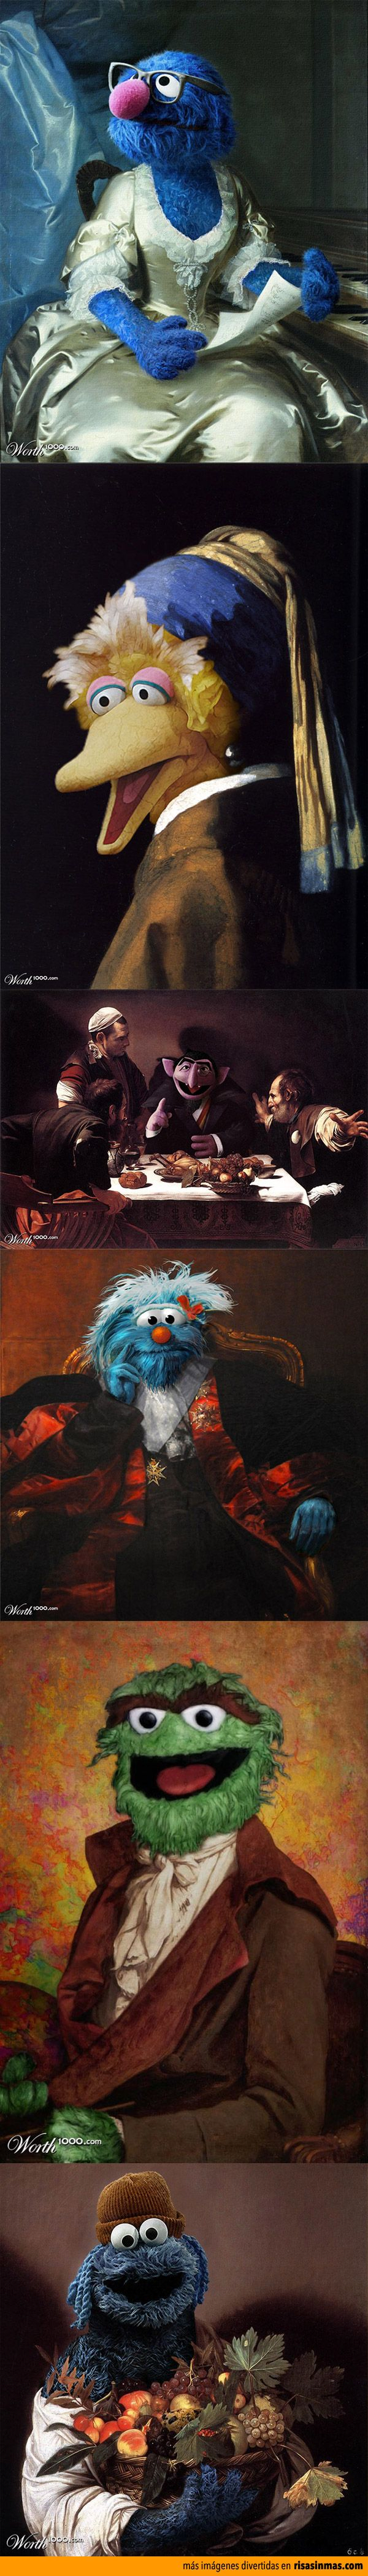 Cuadros clásicos recreados con personajes de Barrio Sésamo